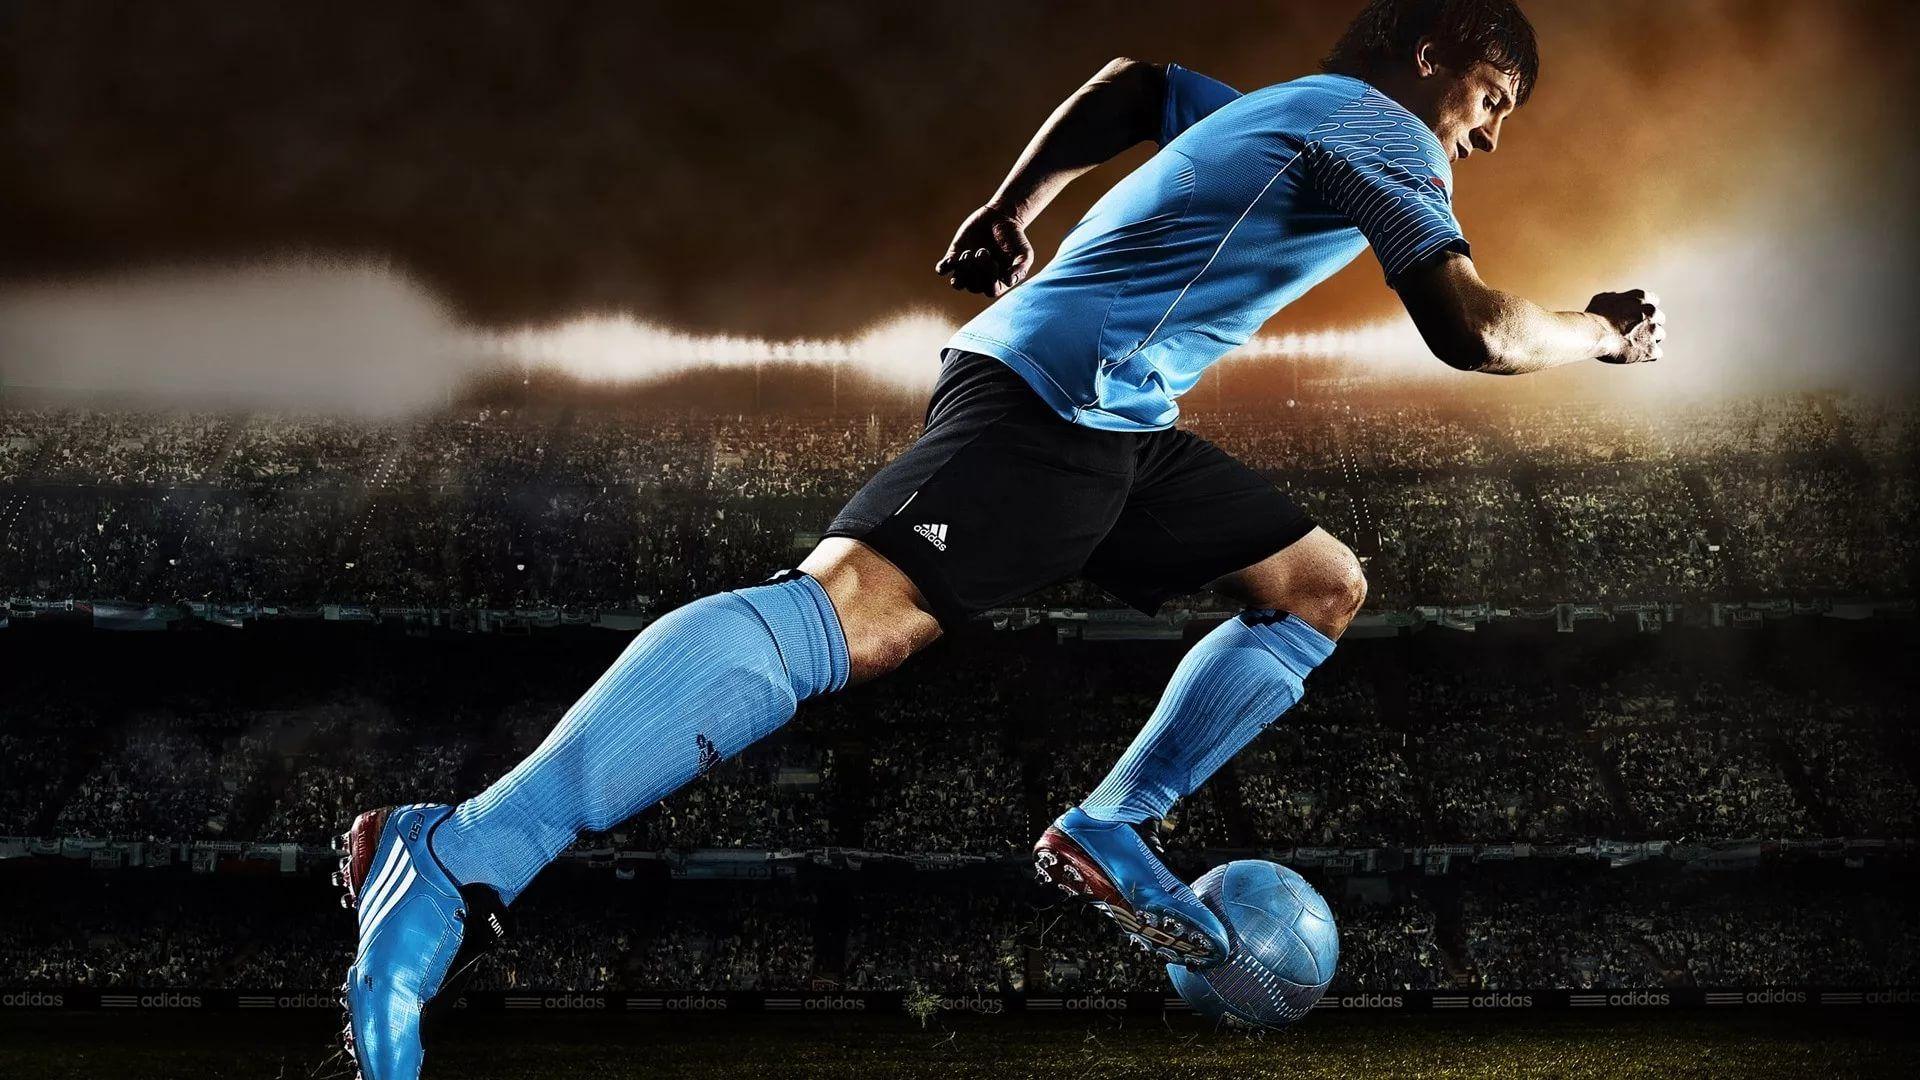 soccer players wallpaper desktop